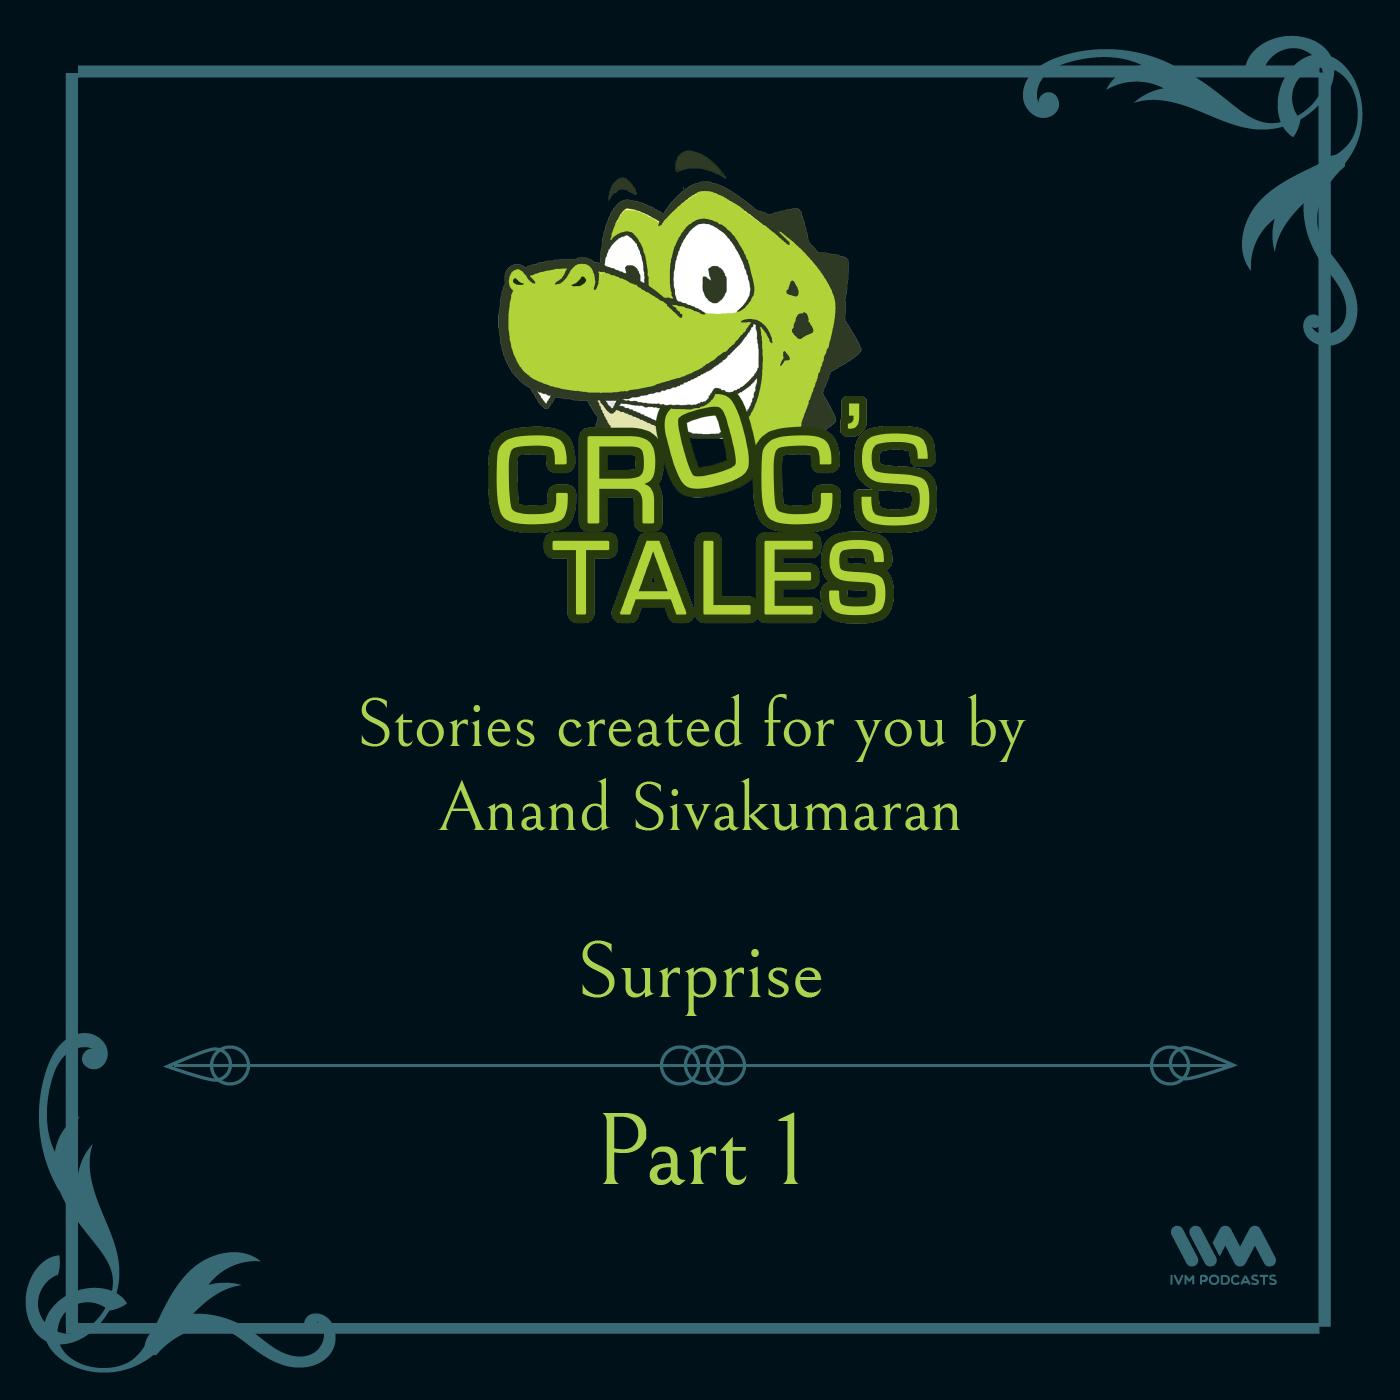 Ep. 99: Surprise (Part 1)